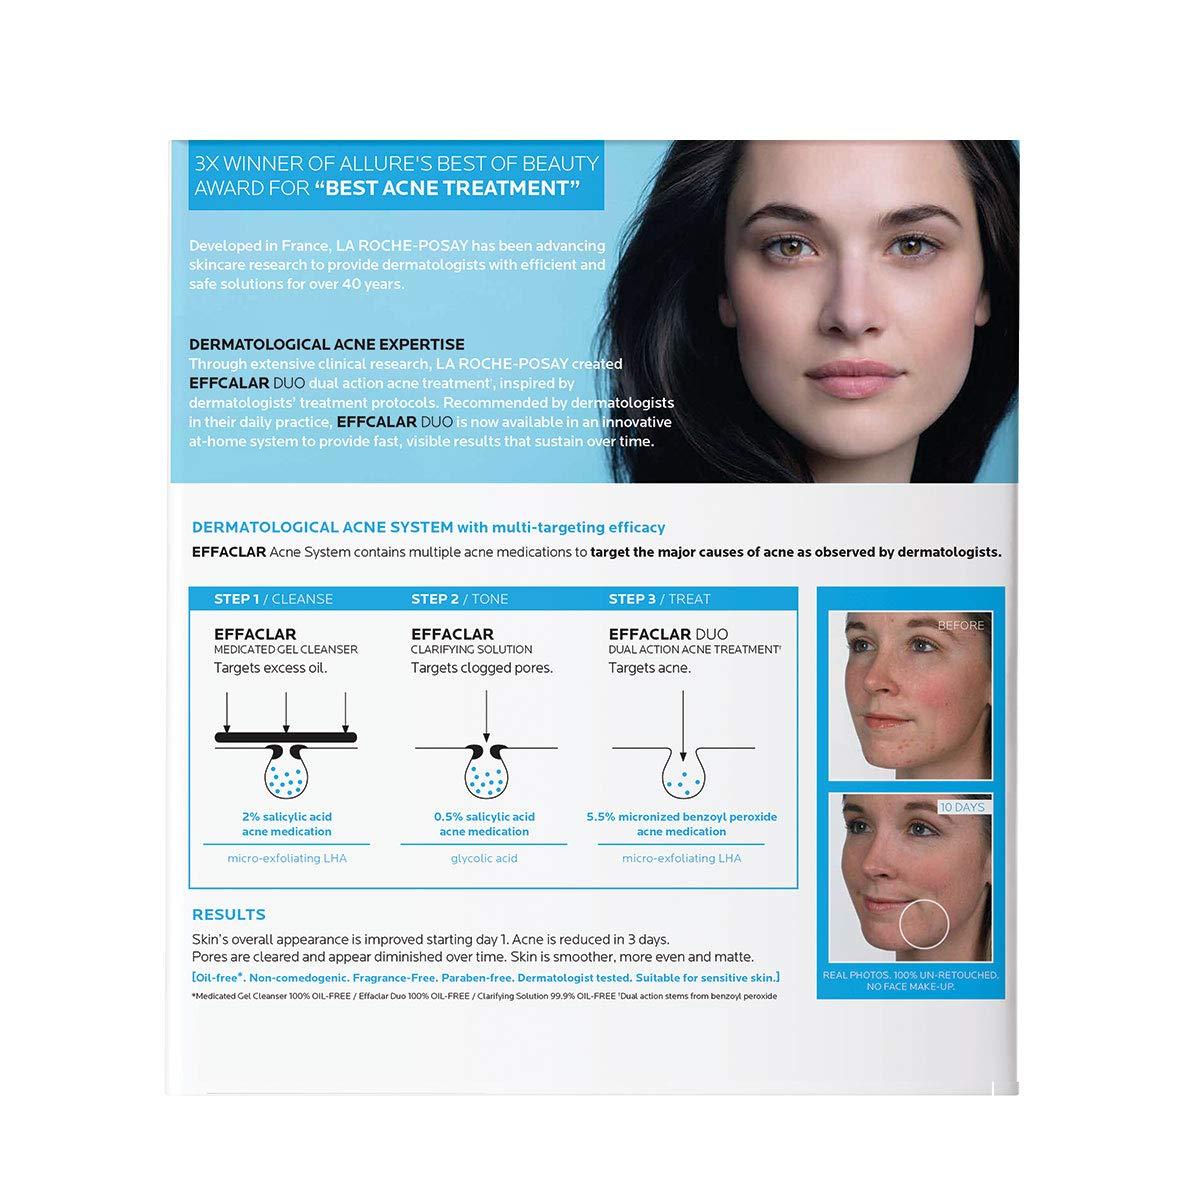 Amazon Com La Roche Posay Effaclar Tratamiento Dermatologico Del Acne En 3 Pasos Con Limpiador En Gel Medicado Solucion Clarificante Y Duo Effaclar Suministro De 2 Meses Premium Beauty